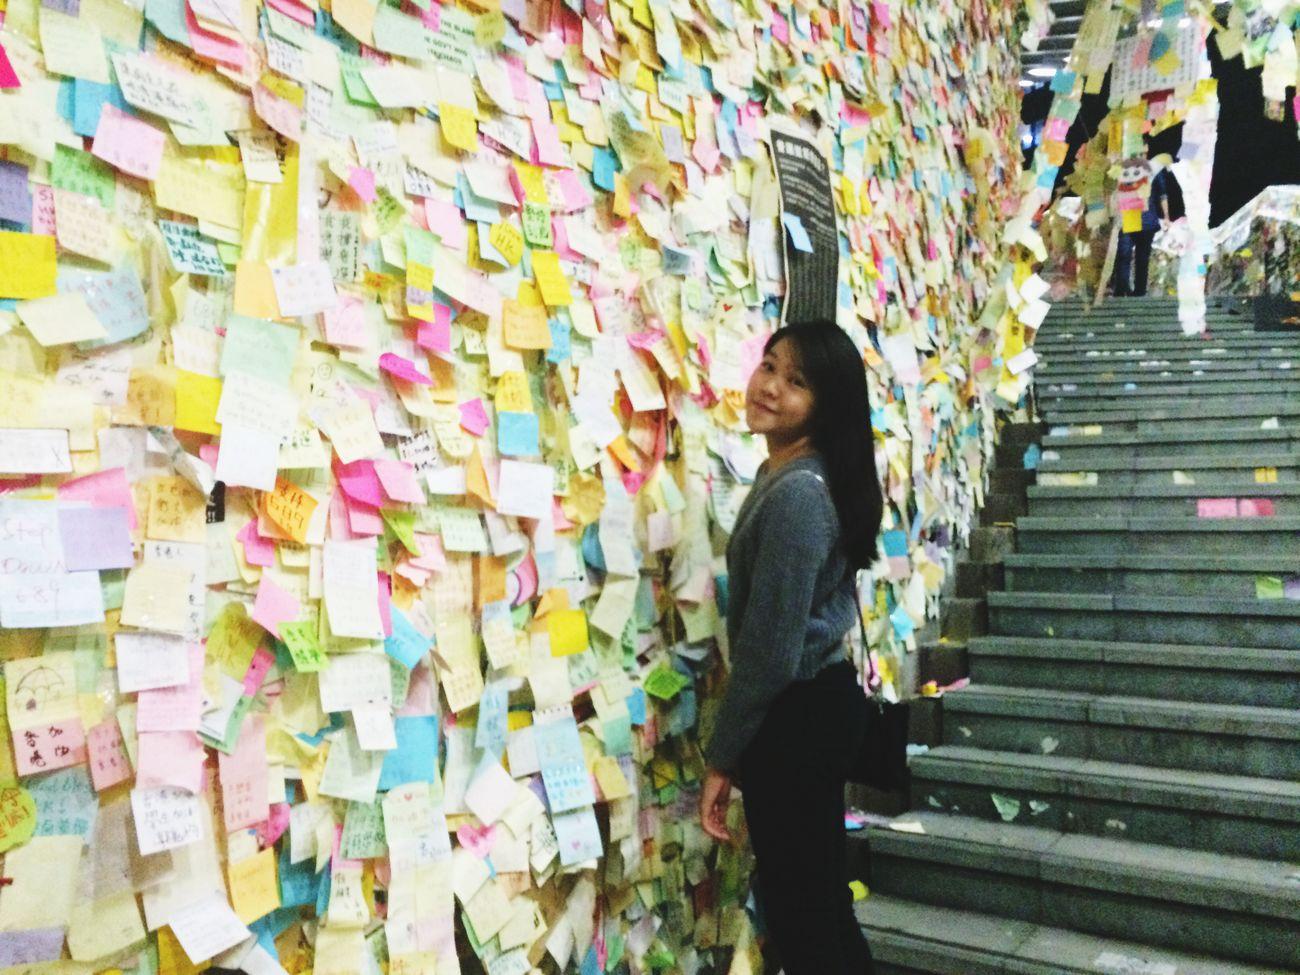 LENNON WALL OF HONG KONG